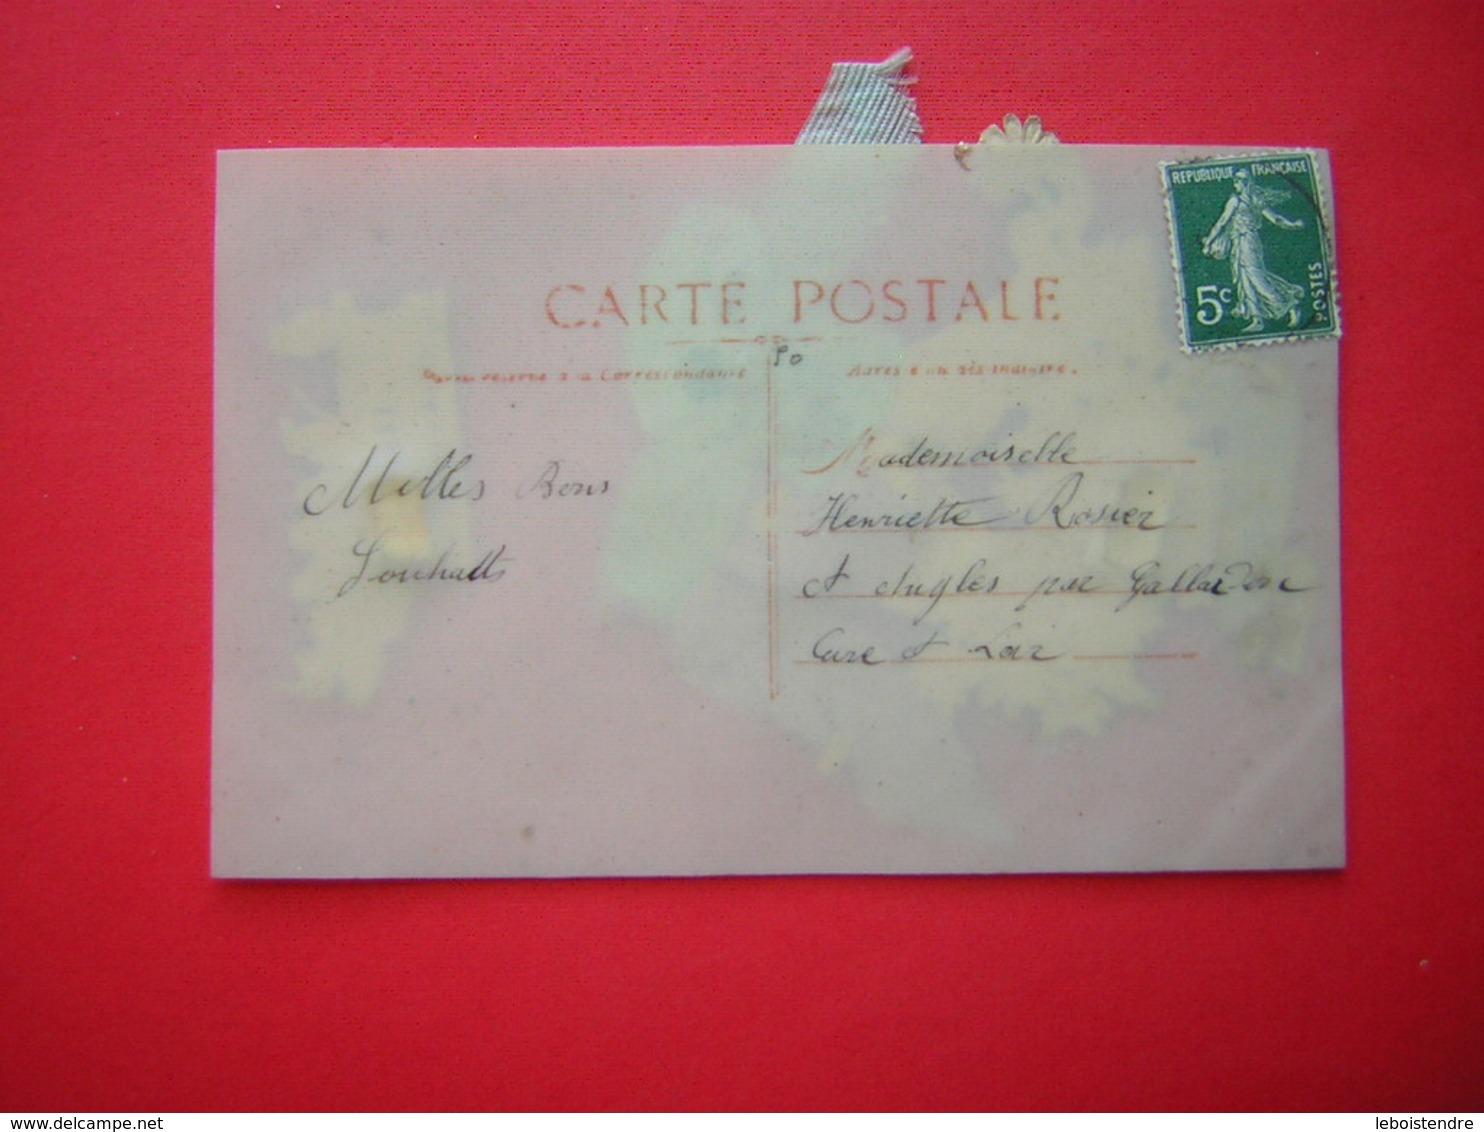 CPA SORTE DE PLASTIQUE RHODOÏD FANTAISIE DECOUPIS  BONNE ANNEE    VOYAGEE  TIMBRE - Cartes Postales